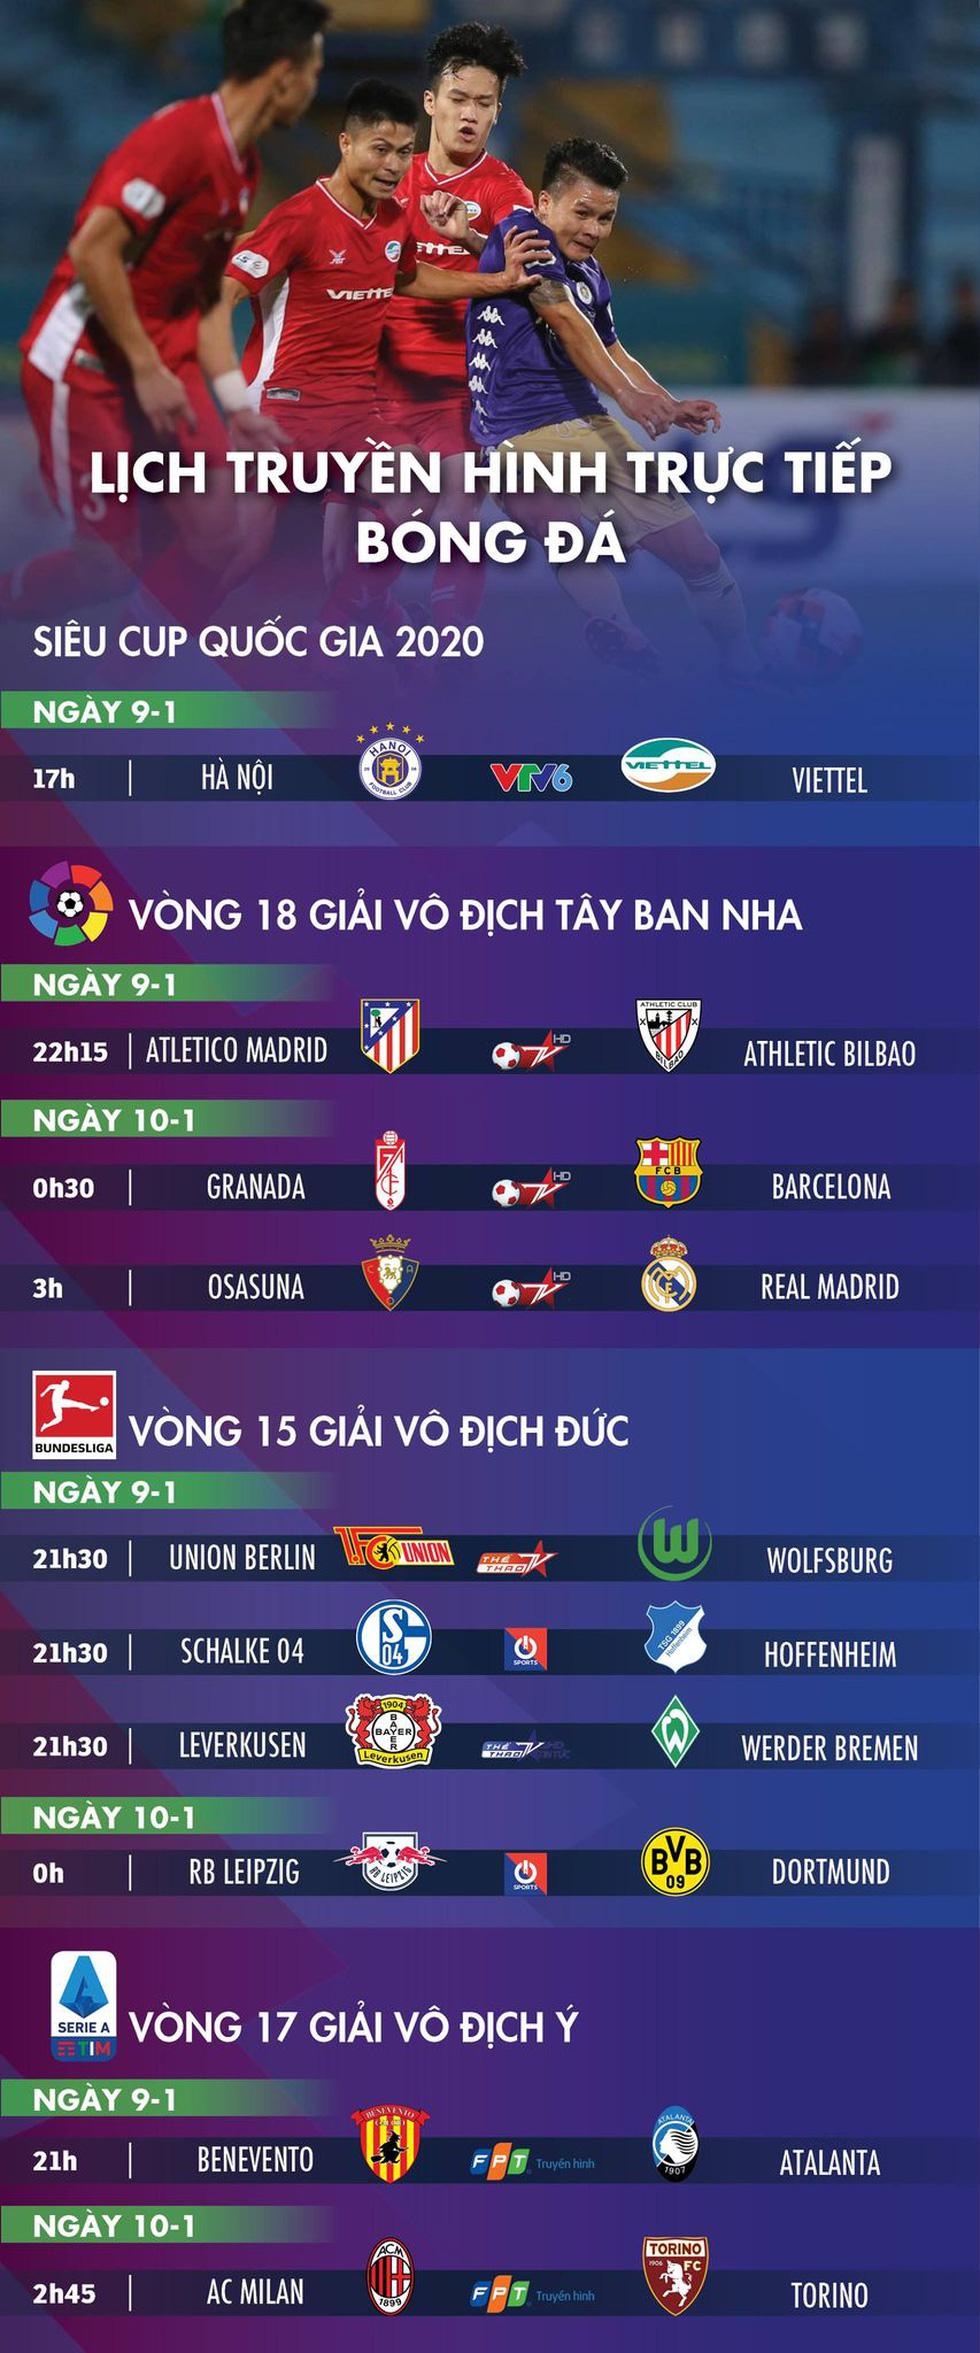 Lịch trực tiếp bóng đá ngày 9-1: CLB Hà Nội - Viettel, nhiều đại gia ra sân - Ảnh 1.